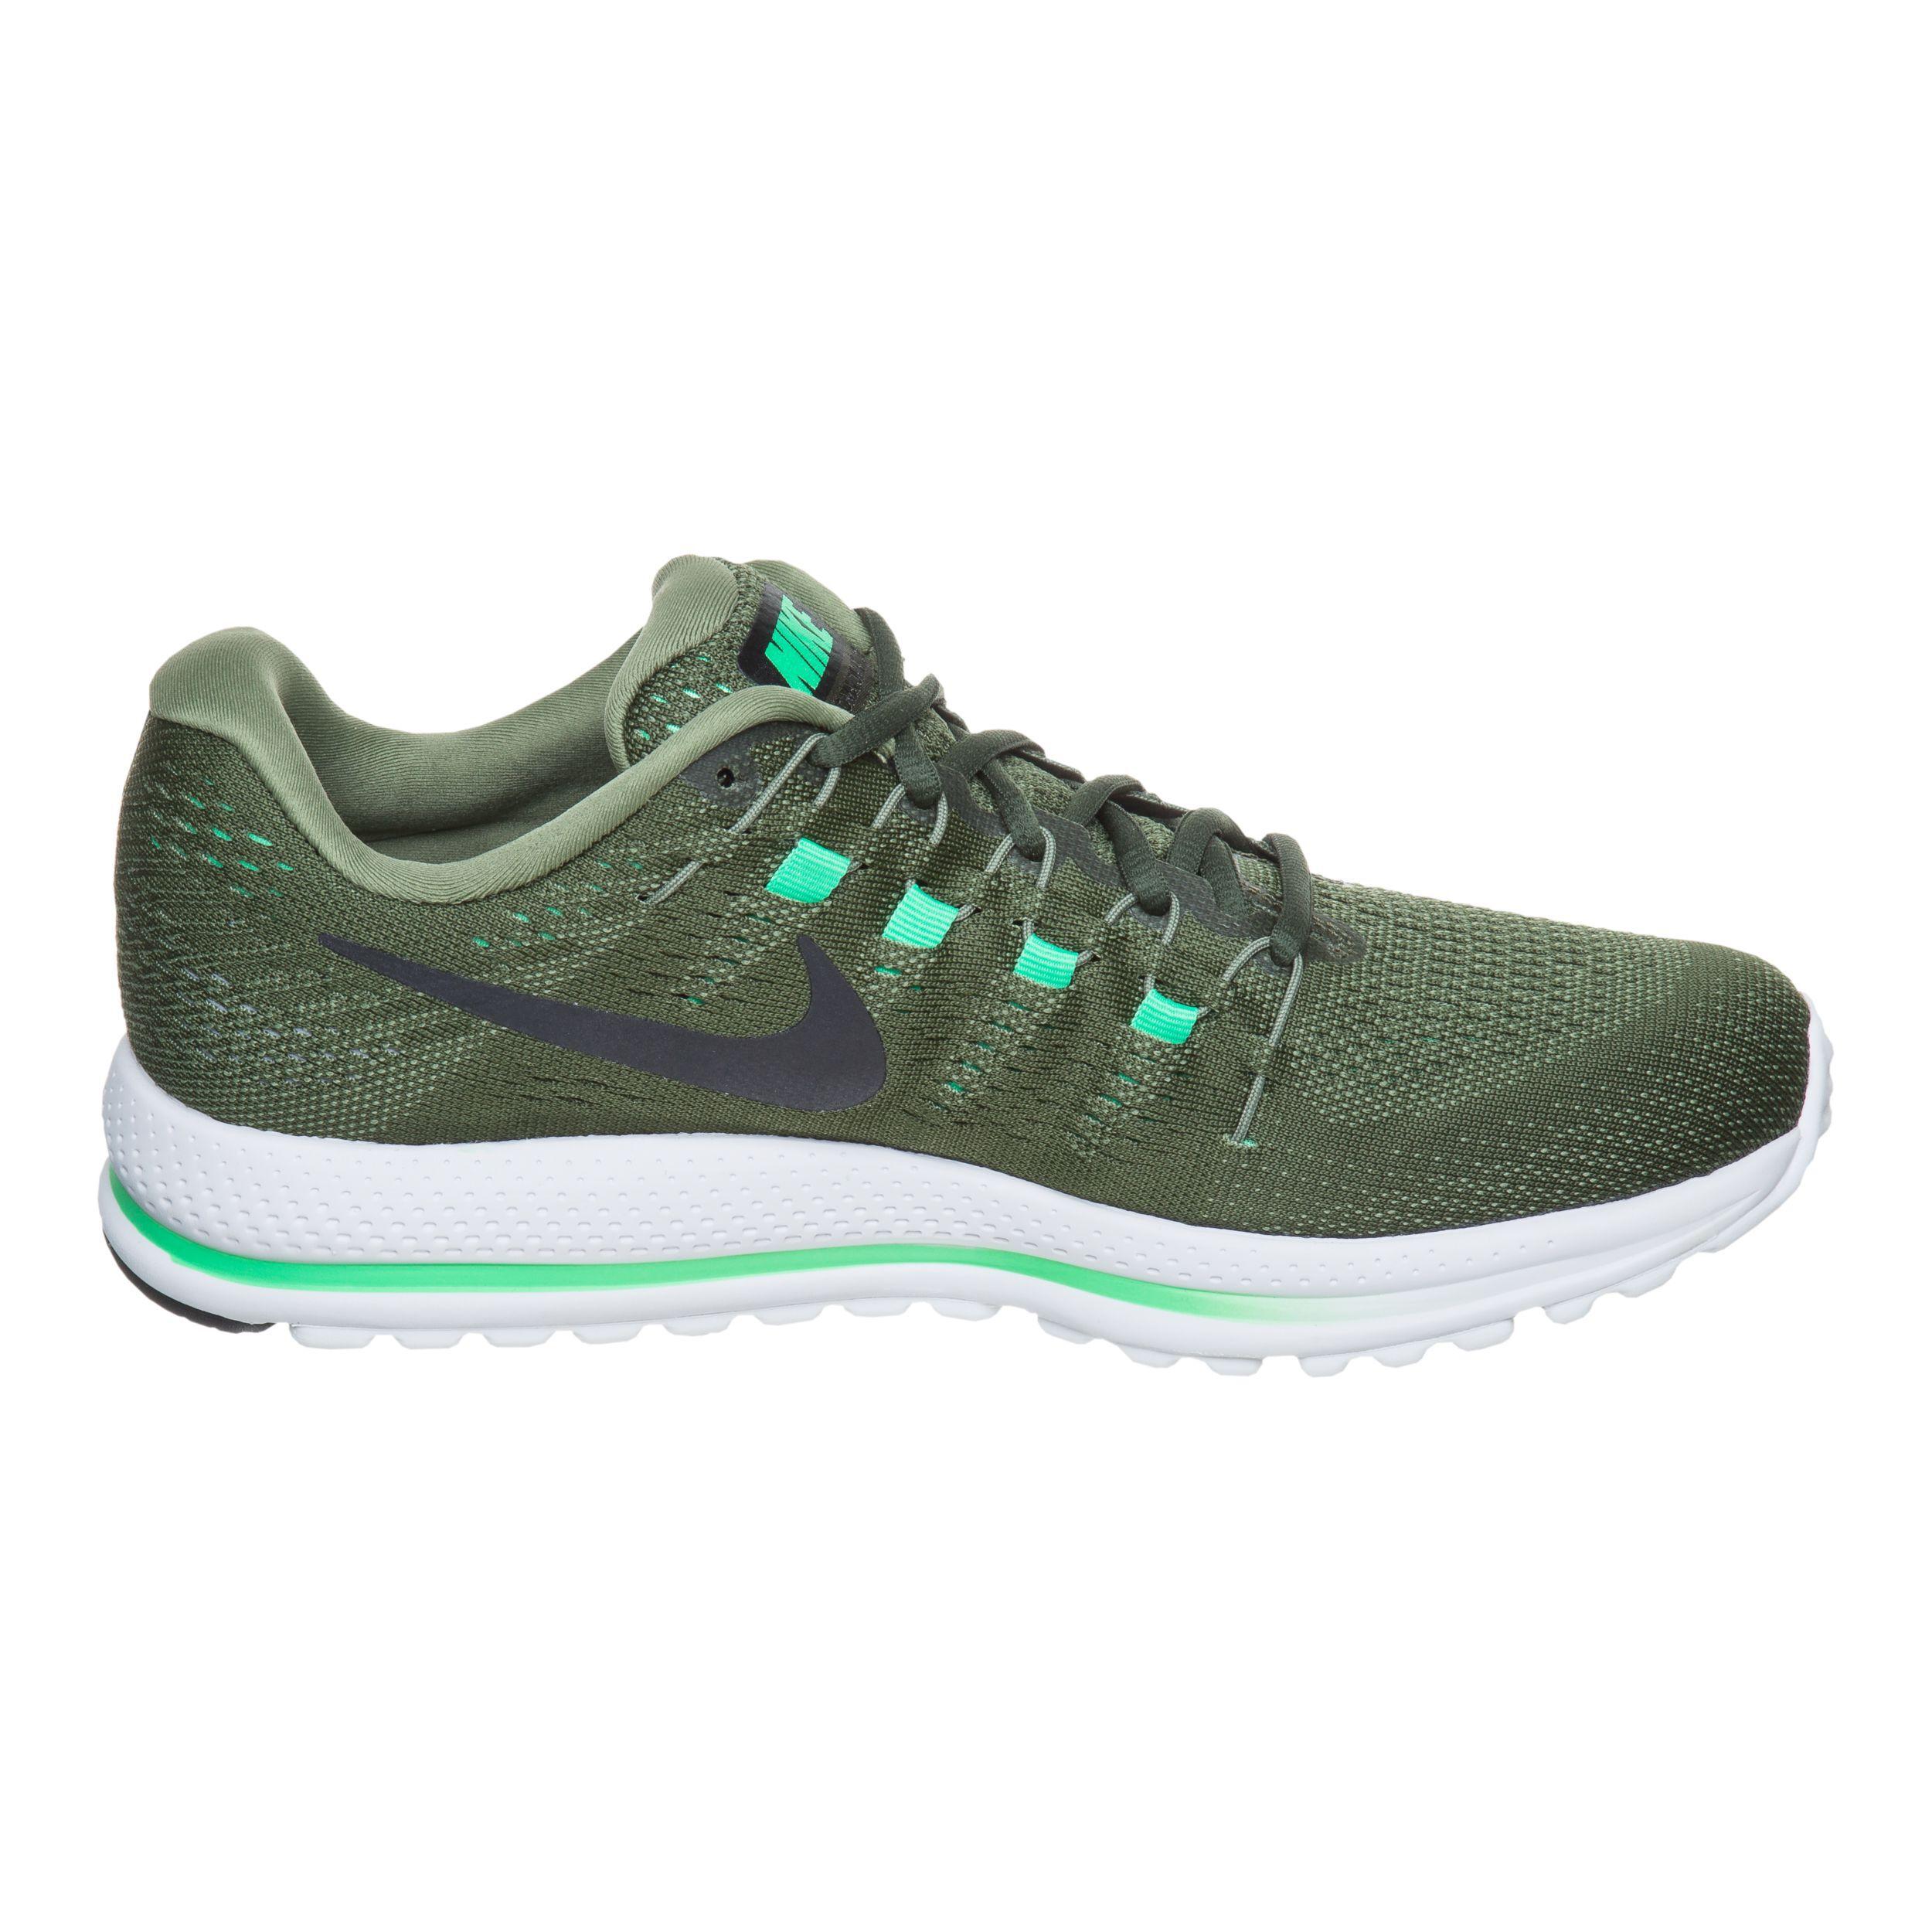 Nike Air Zoom Vomero 10 Allround Laufschuhe Damen Schwarz